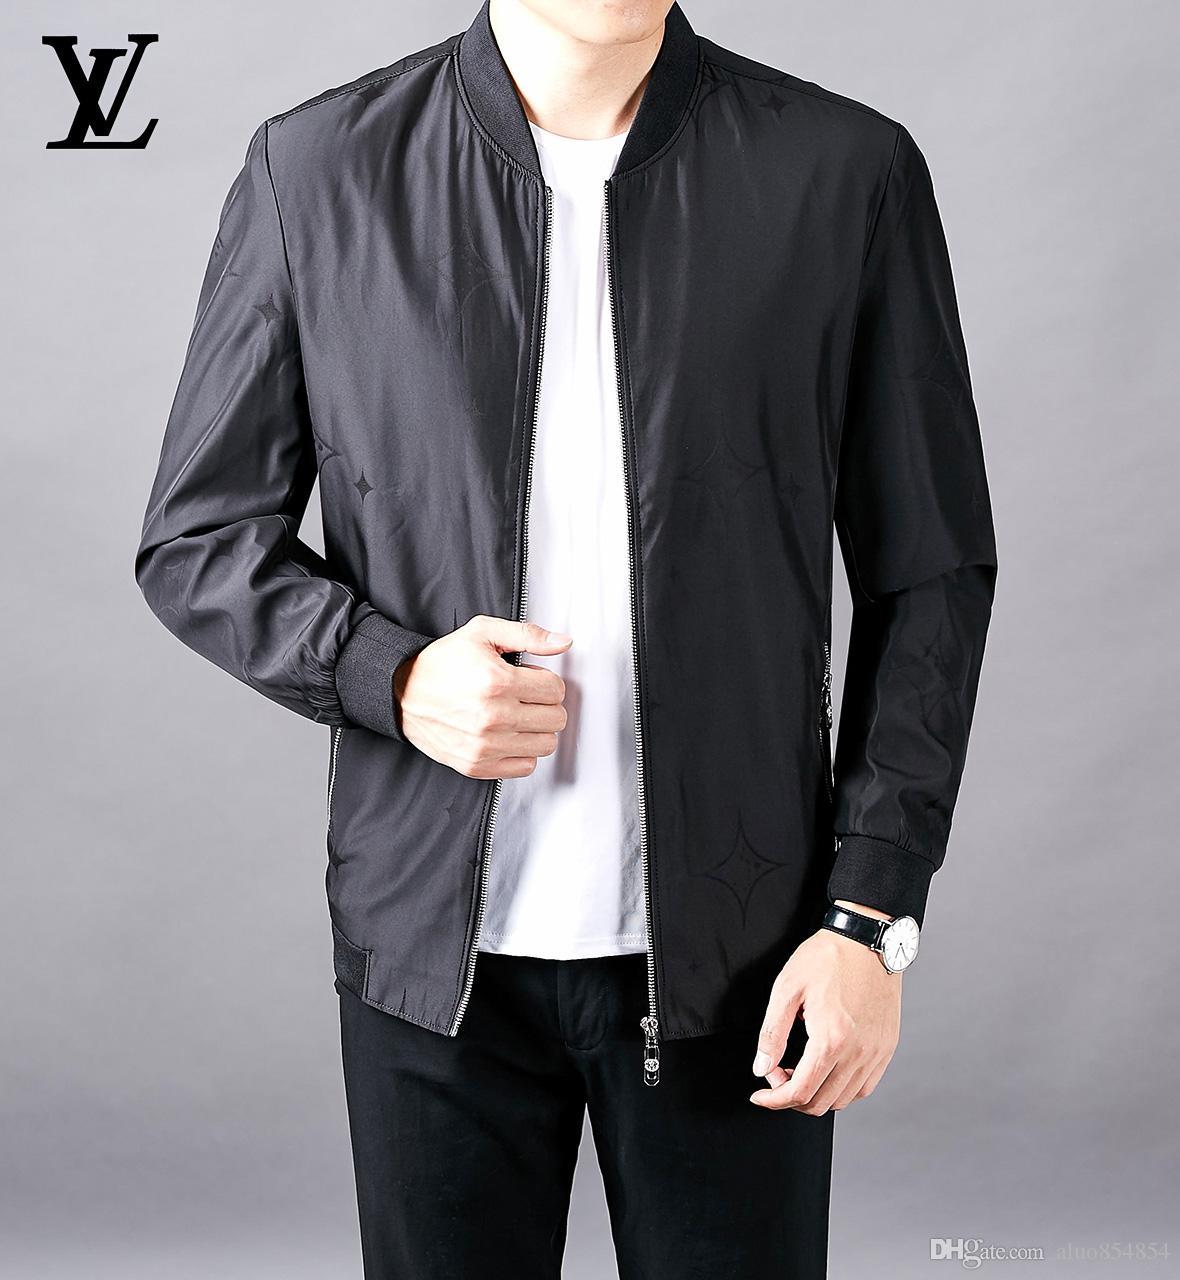 2019 осень и зима мужская роскошная пуховик вышивка бейсбол воротник высокое качество толстые мужские дизайнерские куртки Большой размер M-4XL